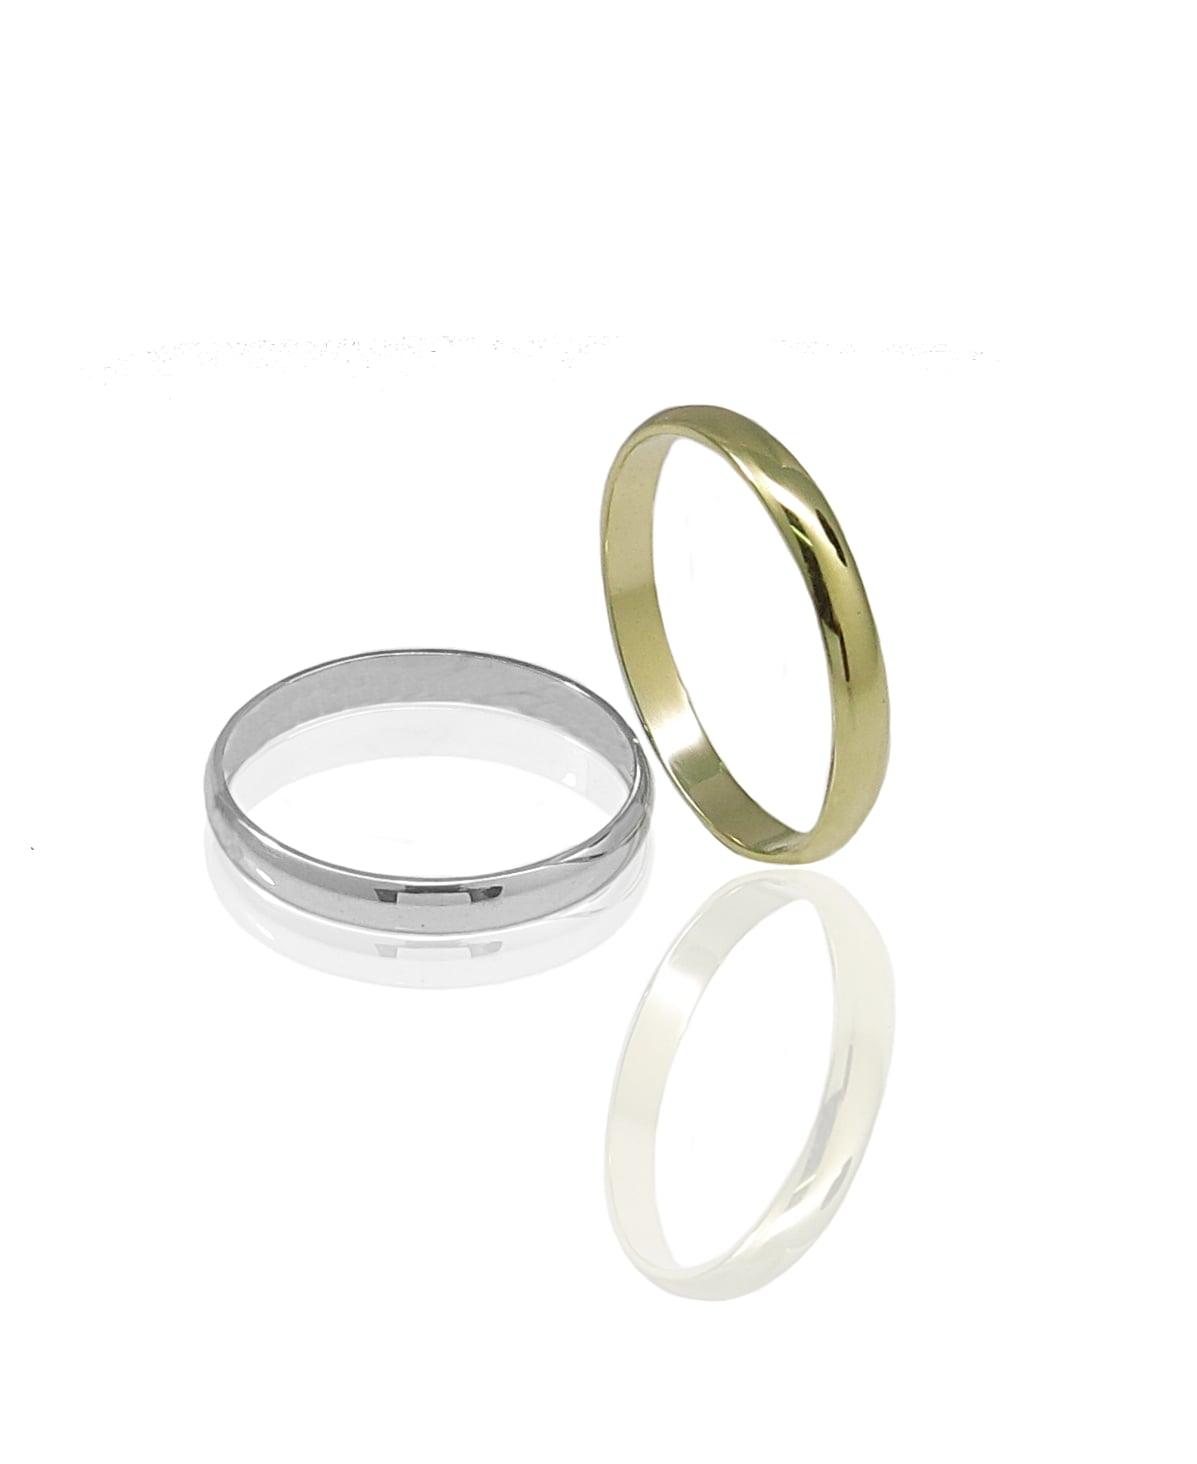 טבעת נישואין חלקה מעוגלת בזהב 14 קרט- דגם WR203